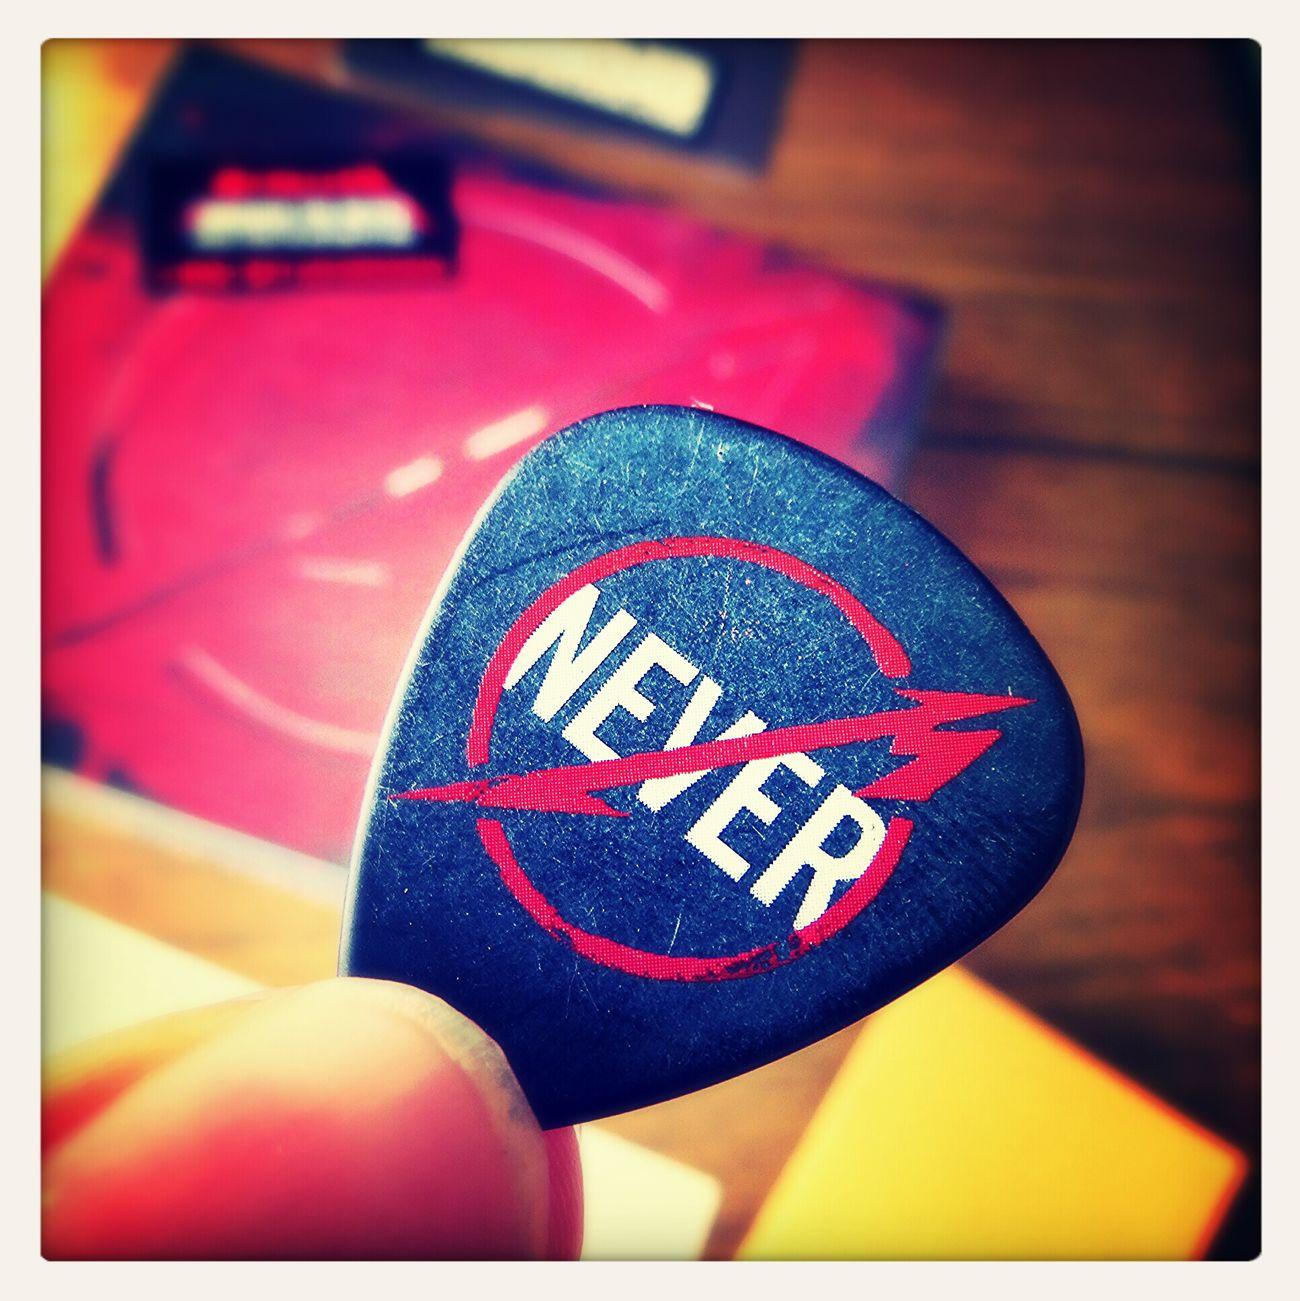 Metstuff My Rock Life Metallica